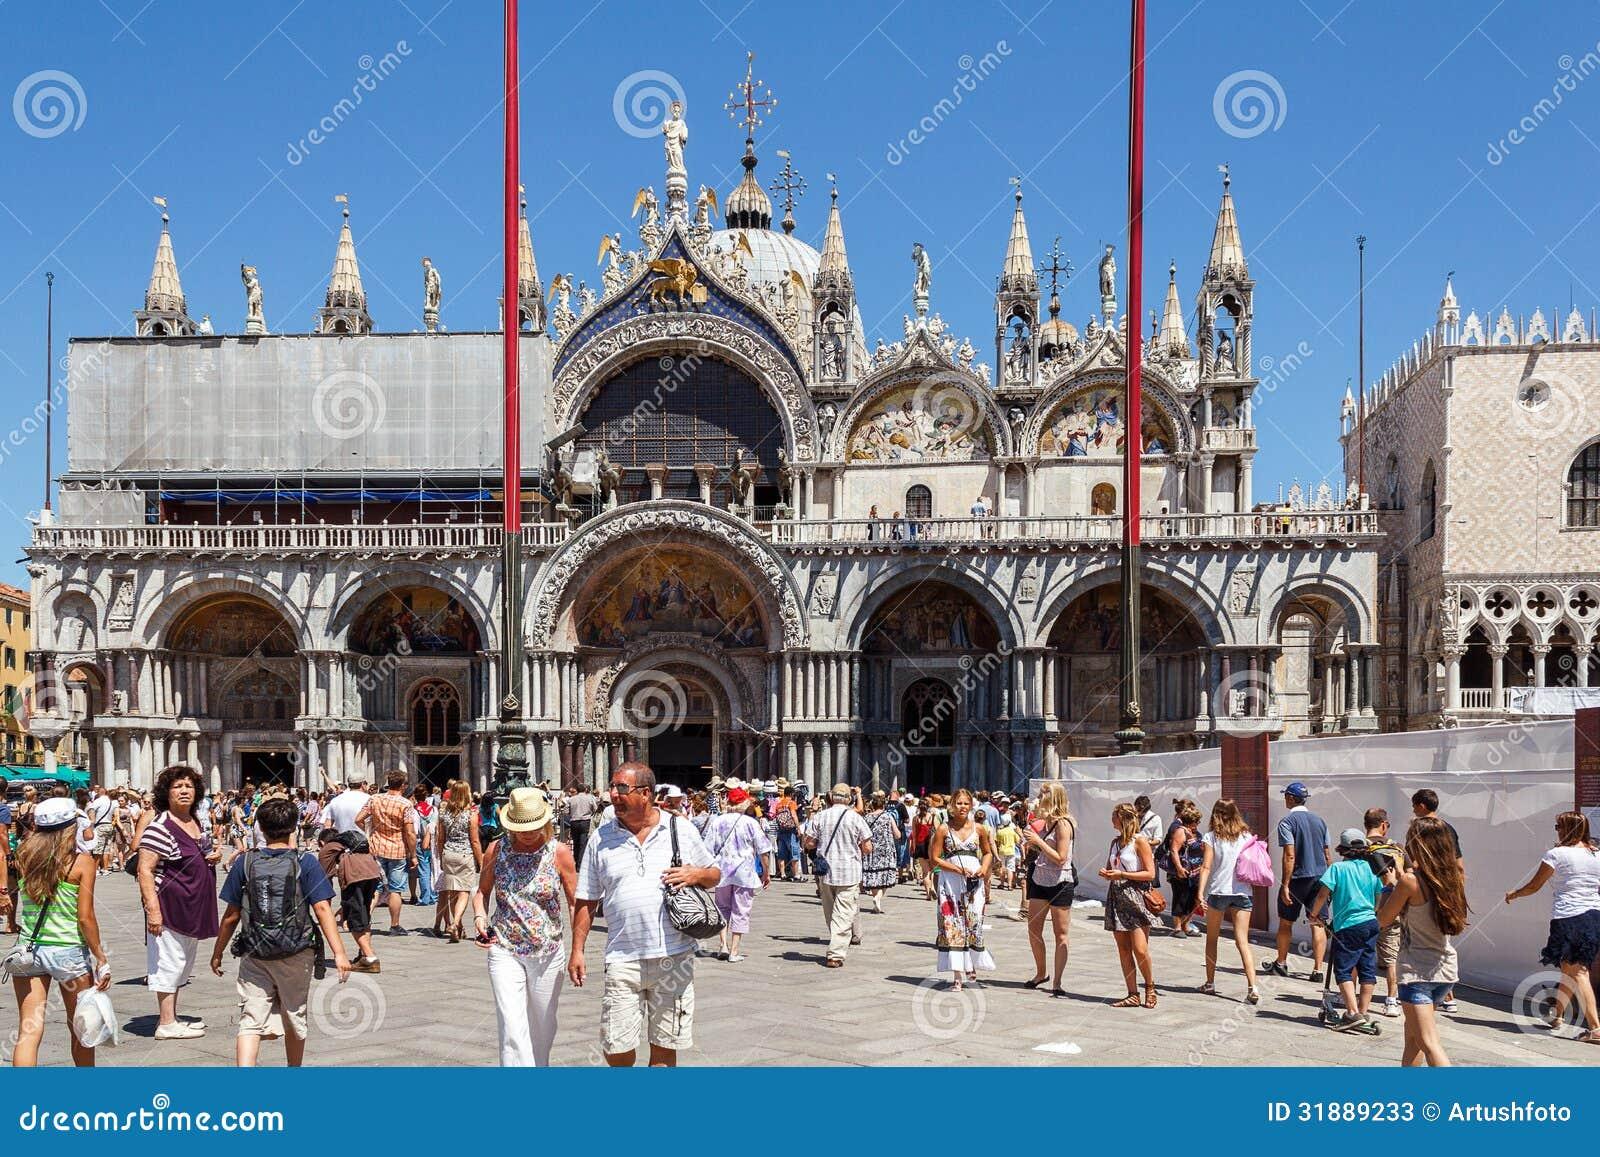 ITÁLIA, VENEZA - EM JULHO DE 2012: St Marco Square com a multidão de turista o 16 de julho de 2012 em Veneza. O St Marco Square é